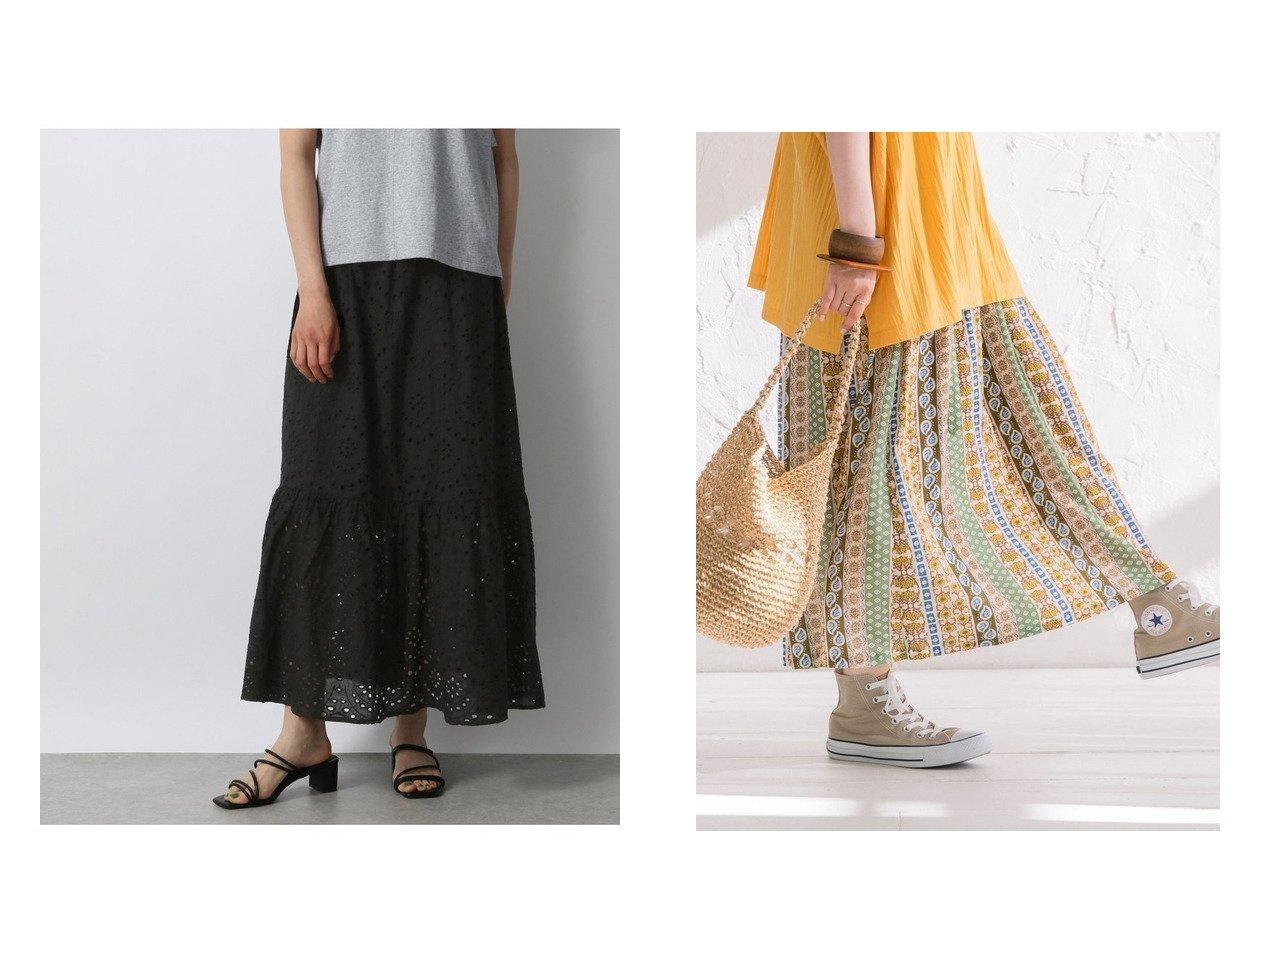 【COEN/コーエン】の麻混ベルト付きプリントスカート&【LOWRYS FARM/ローリーズファーム】のカットワークシシュウスカート 【プチプライス・低価格】おすすめ!人気トレンド・レディースファッション通販 おすすめで人気の流行・トレンド、ファッションの通販商品 インテリア・家具・メンズファッション・キッズファッション・レディースファッション・服の通販 founy(ファニー) https://founy.com/ ファッション Fashion レディースファッション WOMEN スカート Skirt ロングスカート Long Skirt ベルト Belts プリーツスカート Pleated Skirts コンパクト とろみ バランス ビッグ フラワー プリント ペイズリー ボトム ポケット モチーフ ロング 2021年 2021 S/S・春夏 SS・Spring/Summer 2021春夏・S/S SS/Spring/Summer/2021 おすすめ Recommend 夏 Summer カットソー ギャザー ティアードスカート デニム フリル プリーツ ベスト ペチコート |ID:crp329100000053648